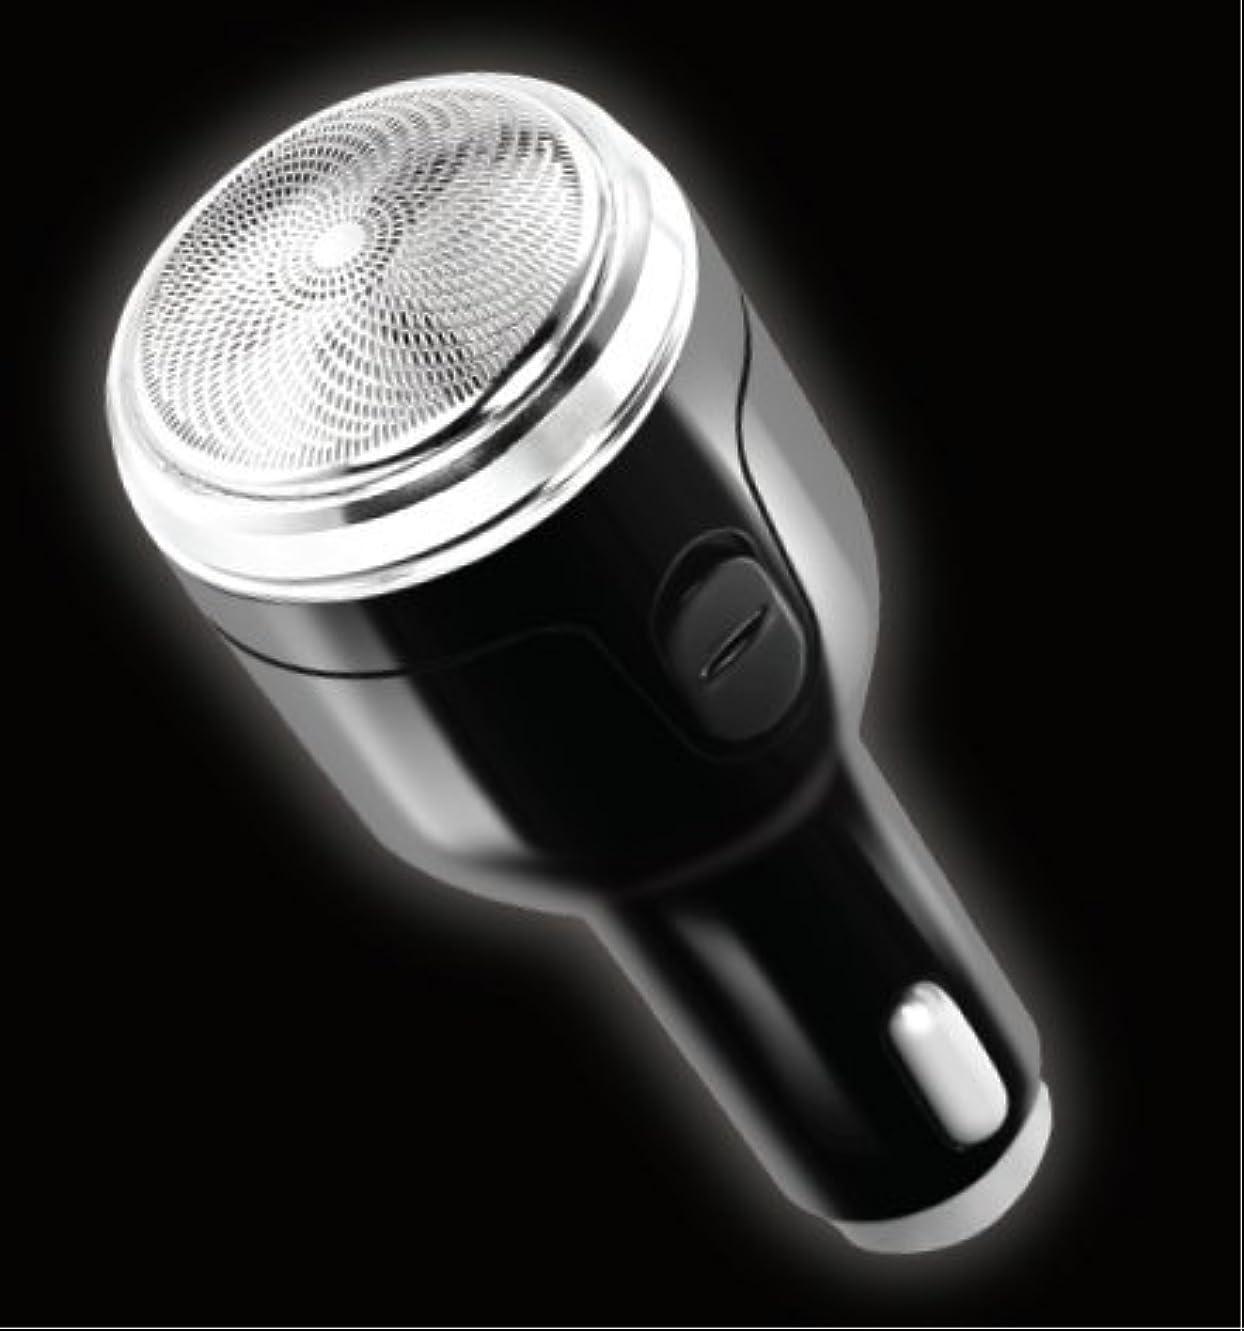 布舌なパンフレット髭剃り 電気シェーバー 車載用 マルチシェーバー ROOMMATE 12V/24V車対応 EB-RM42H